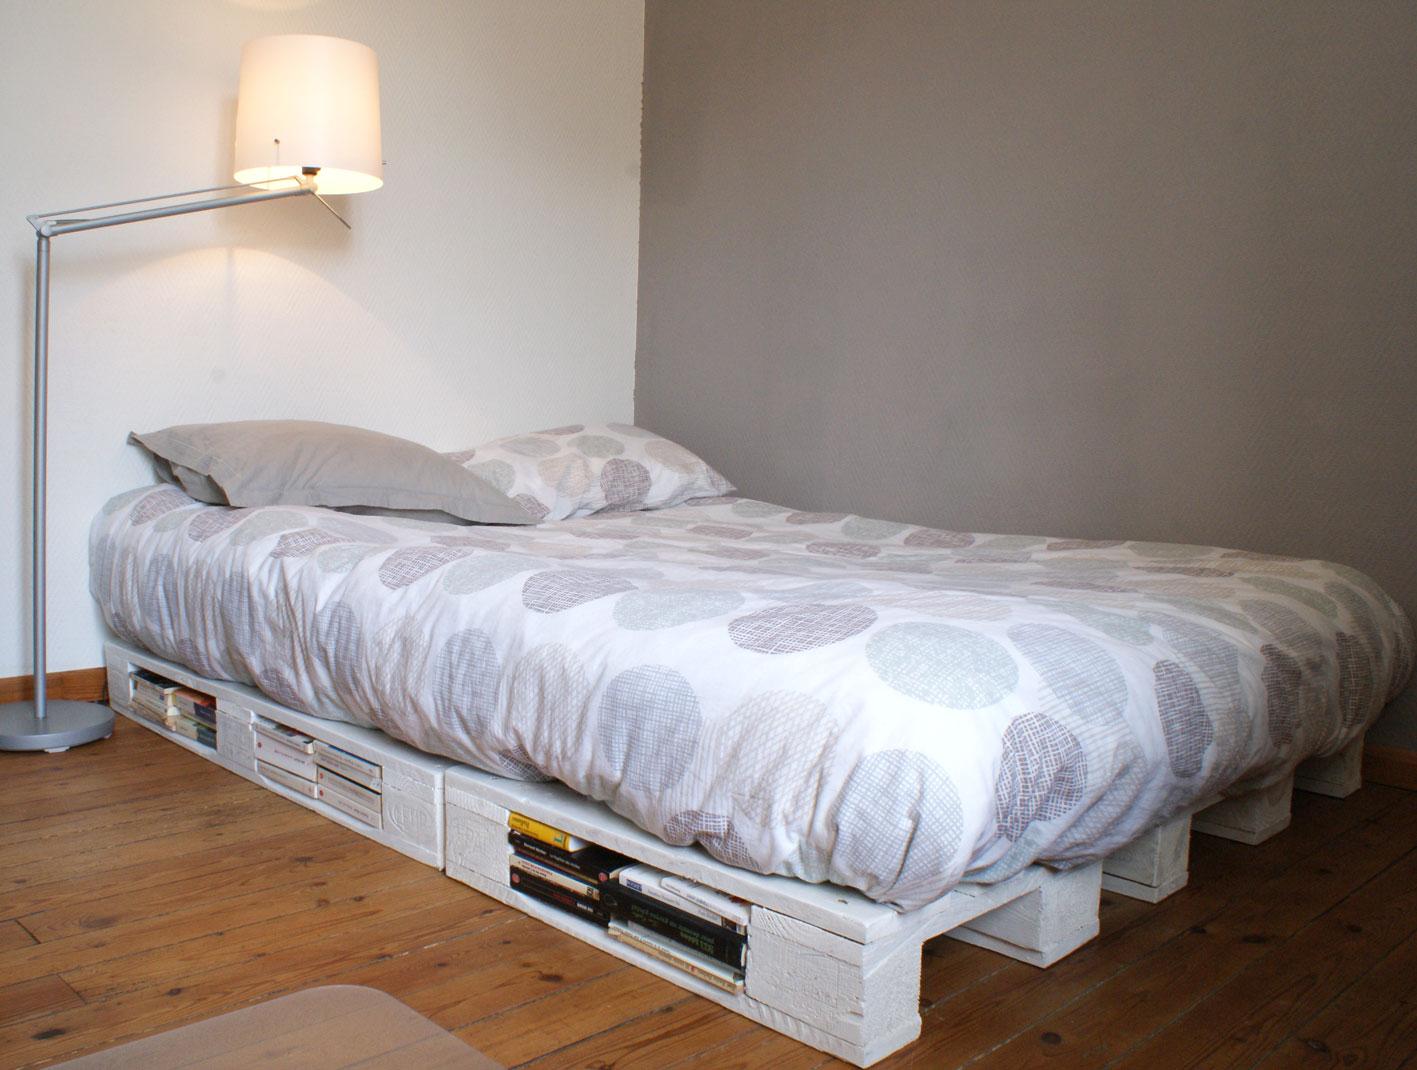 un cadre de lit base de palettes mademoiselle je sais tout. Black Bedroom Furniture Sets. Home Design Ideas